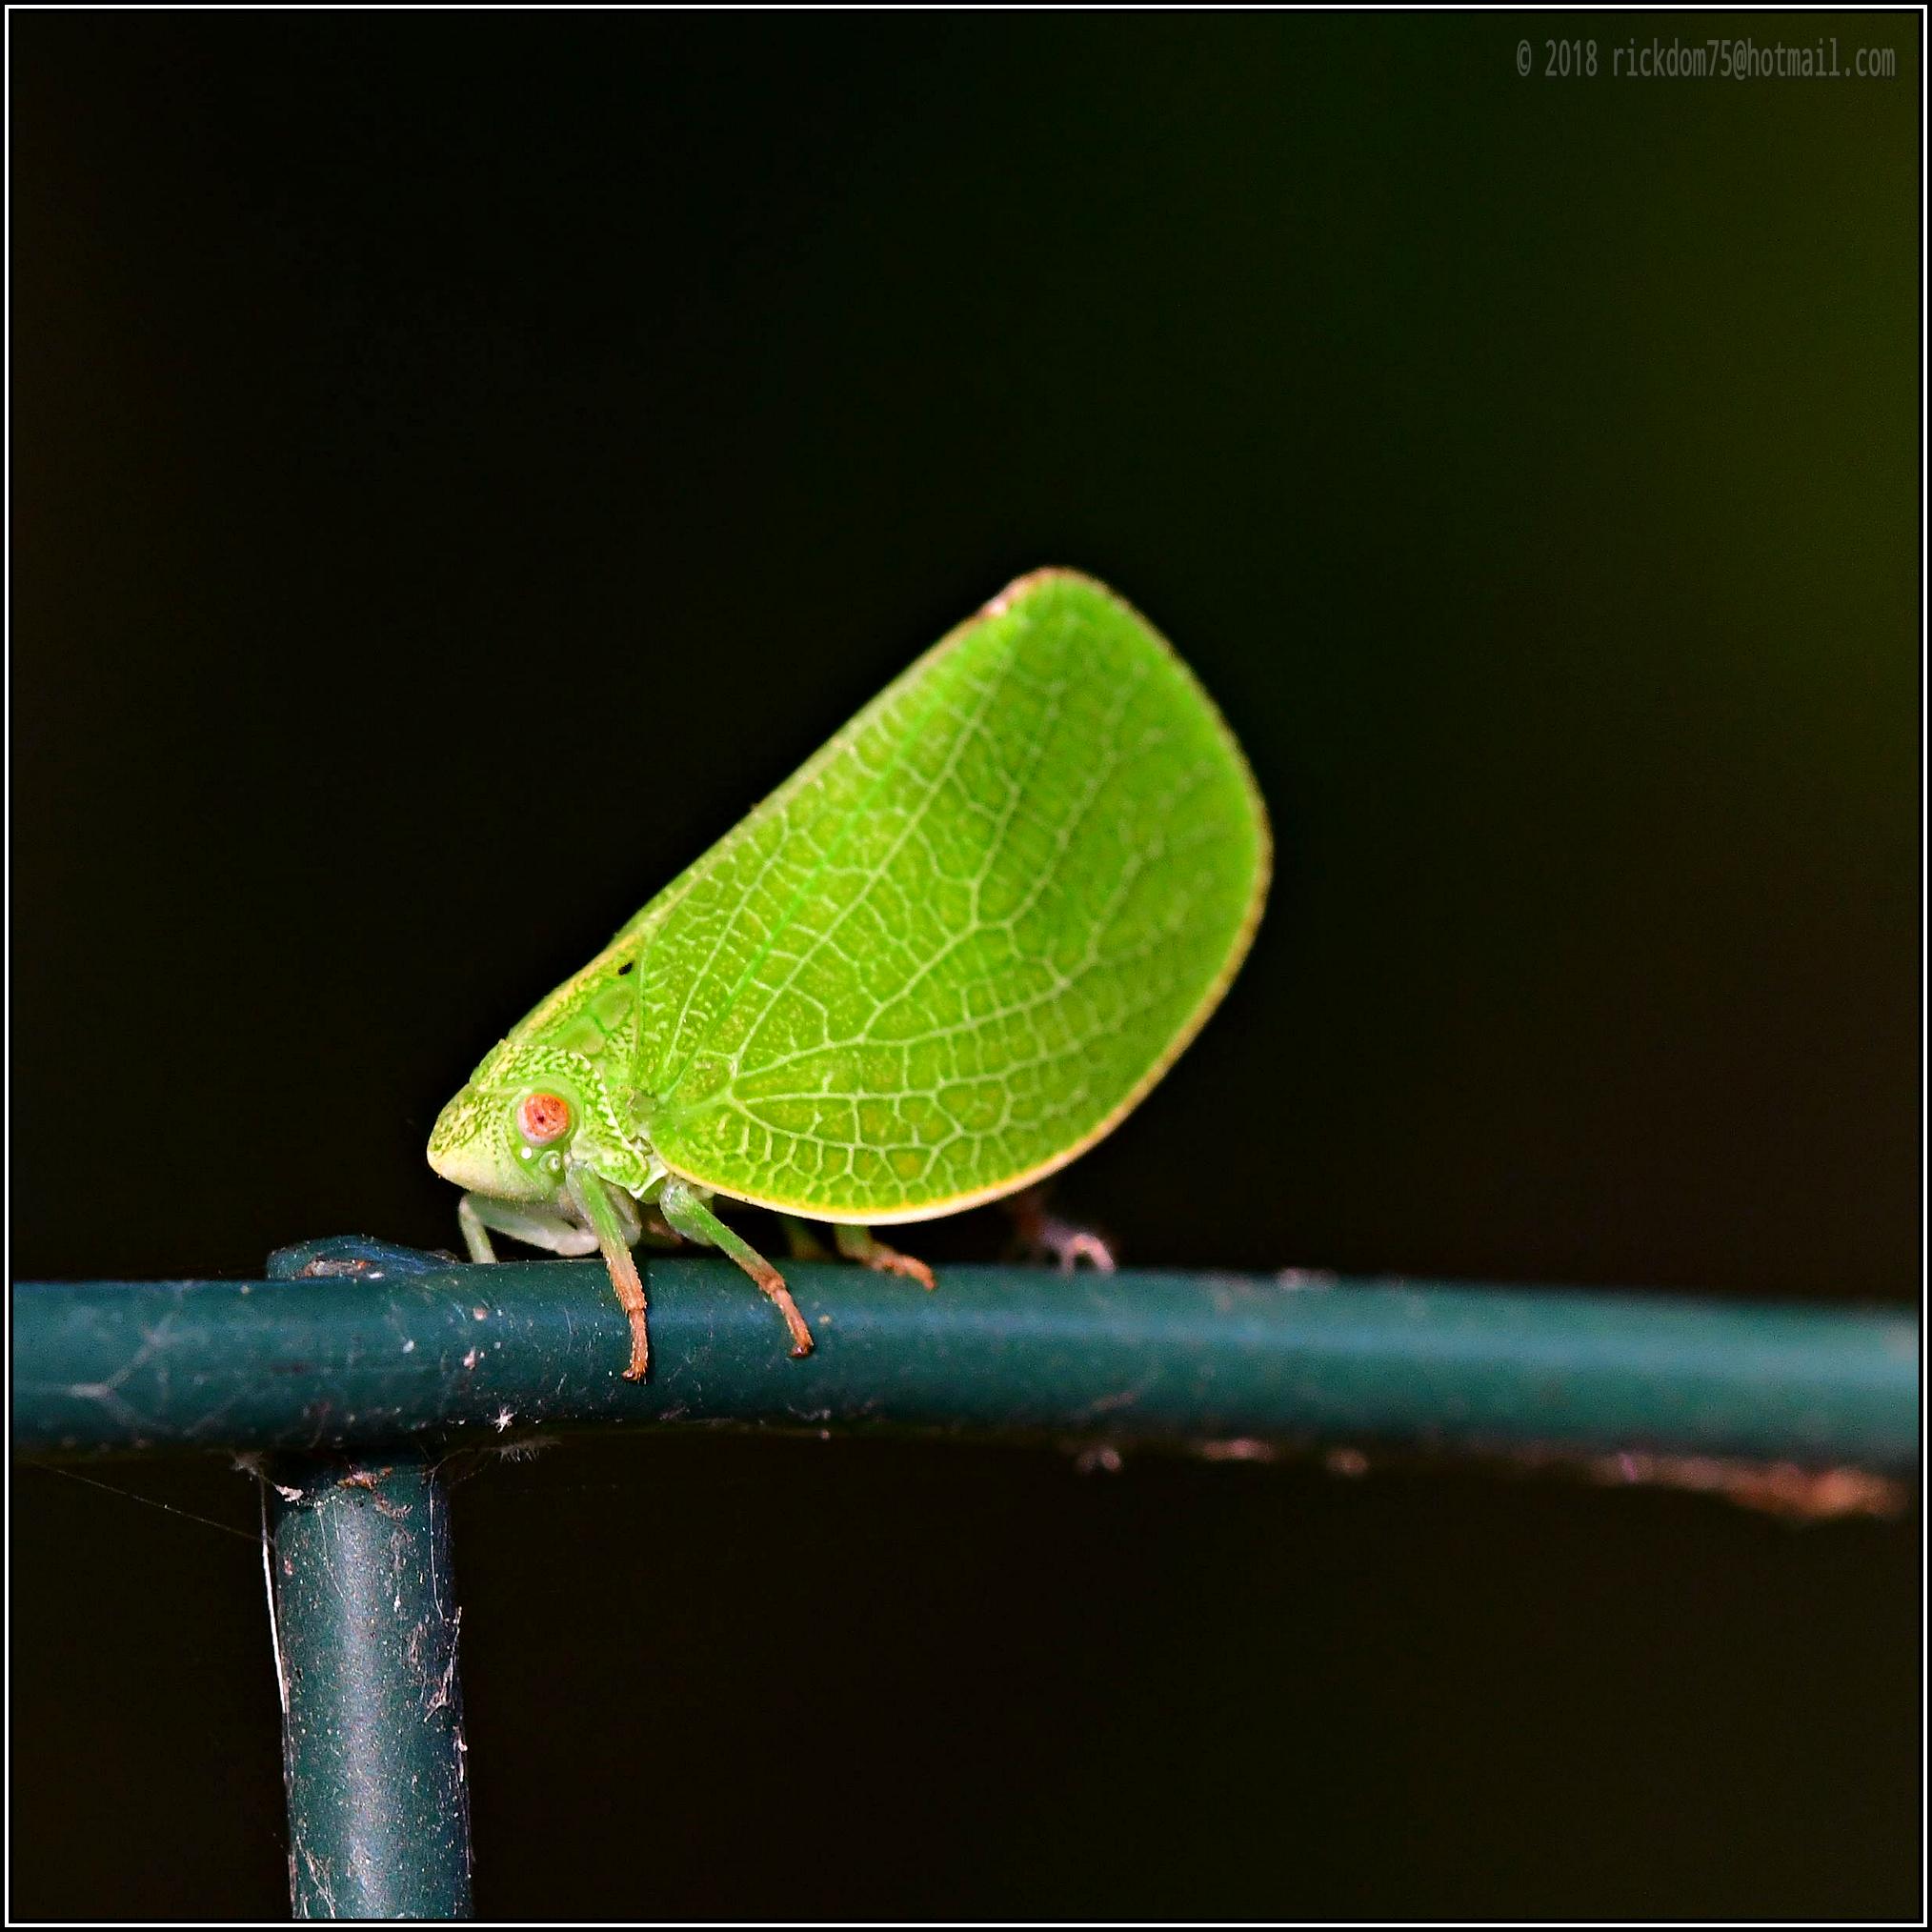 Legged Leaf...